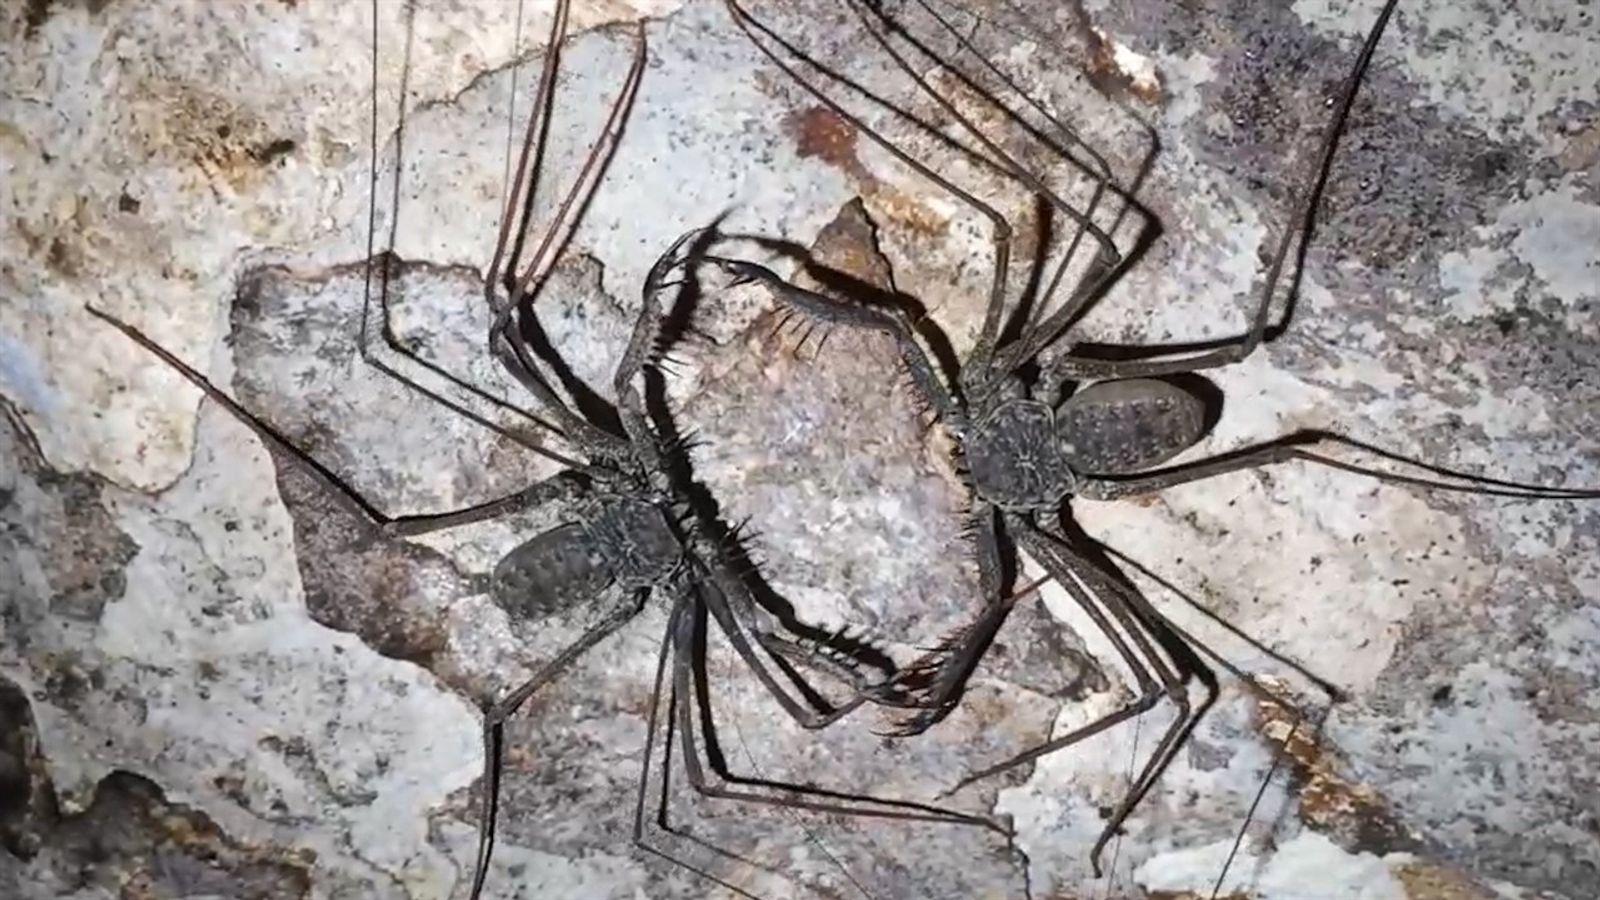 Veja dois aracnídeos canibais se enfrentando em uma batalha mortal por comida